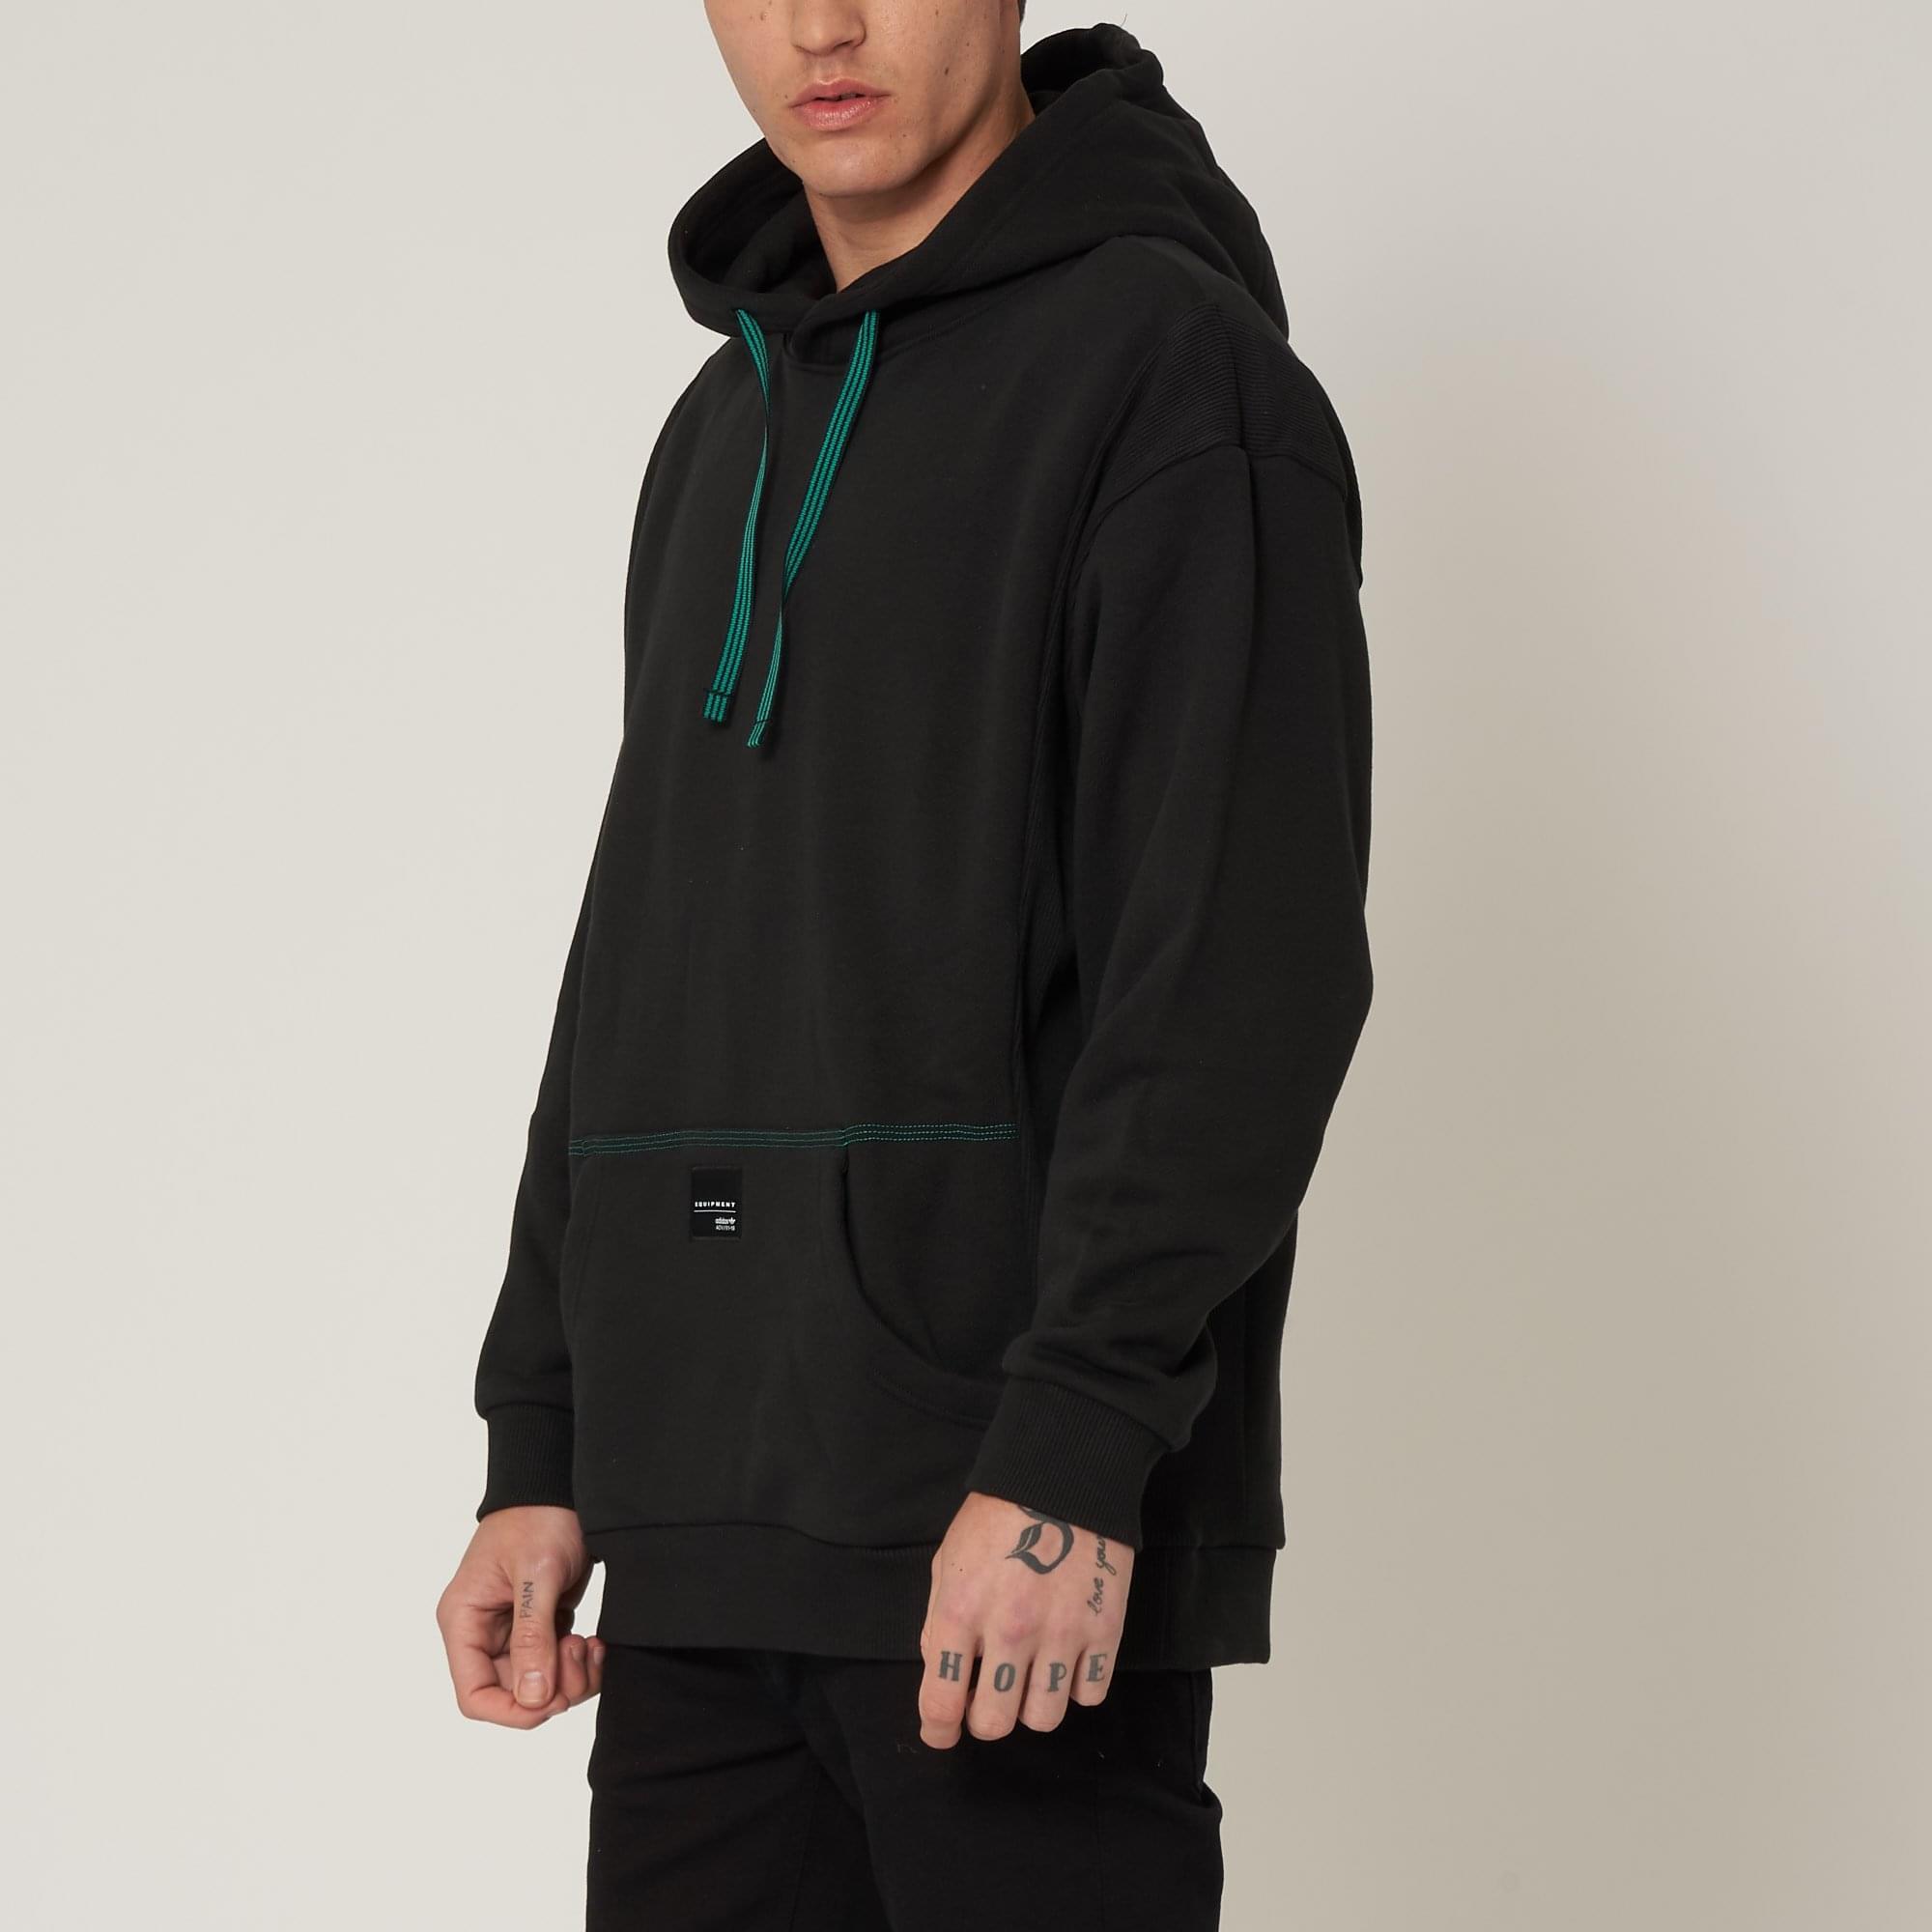 Adidas Black EQT 18 Hoodie CD6856 | US